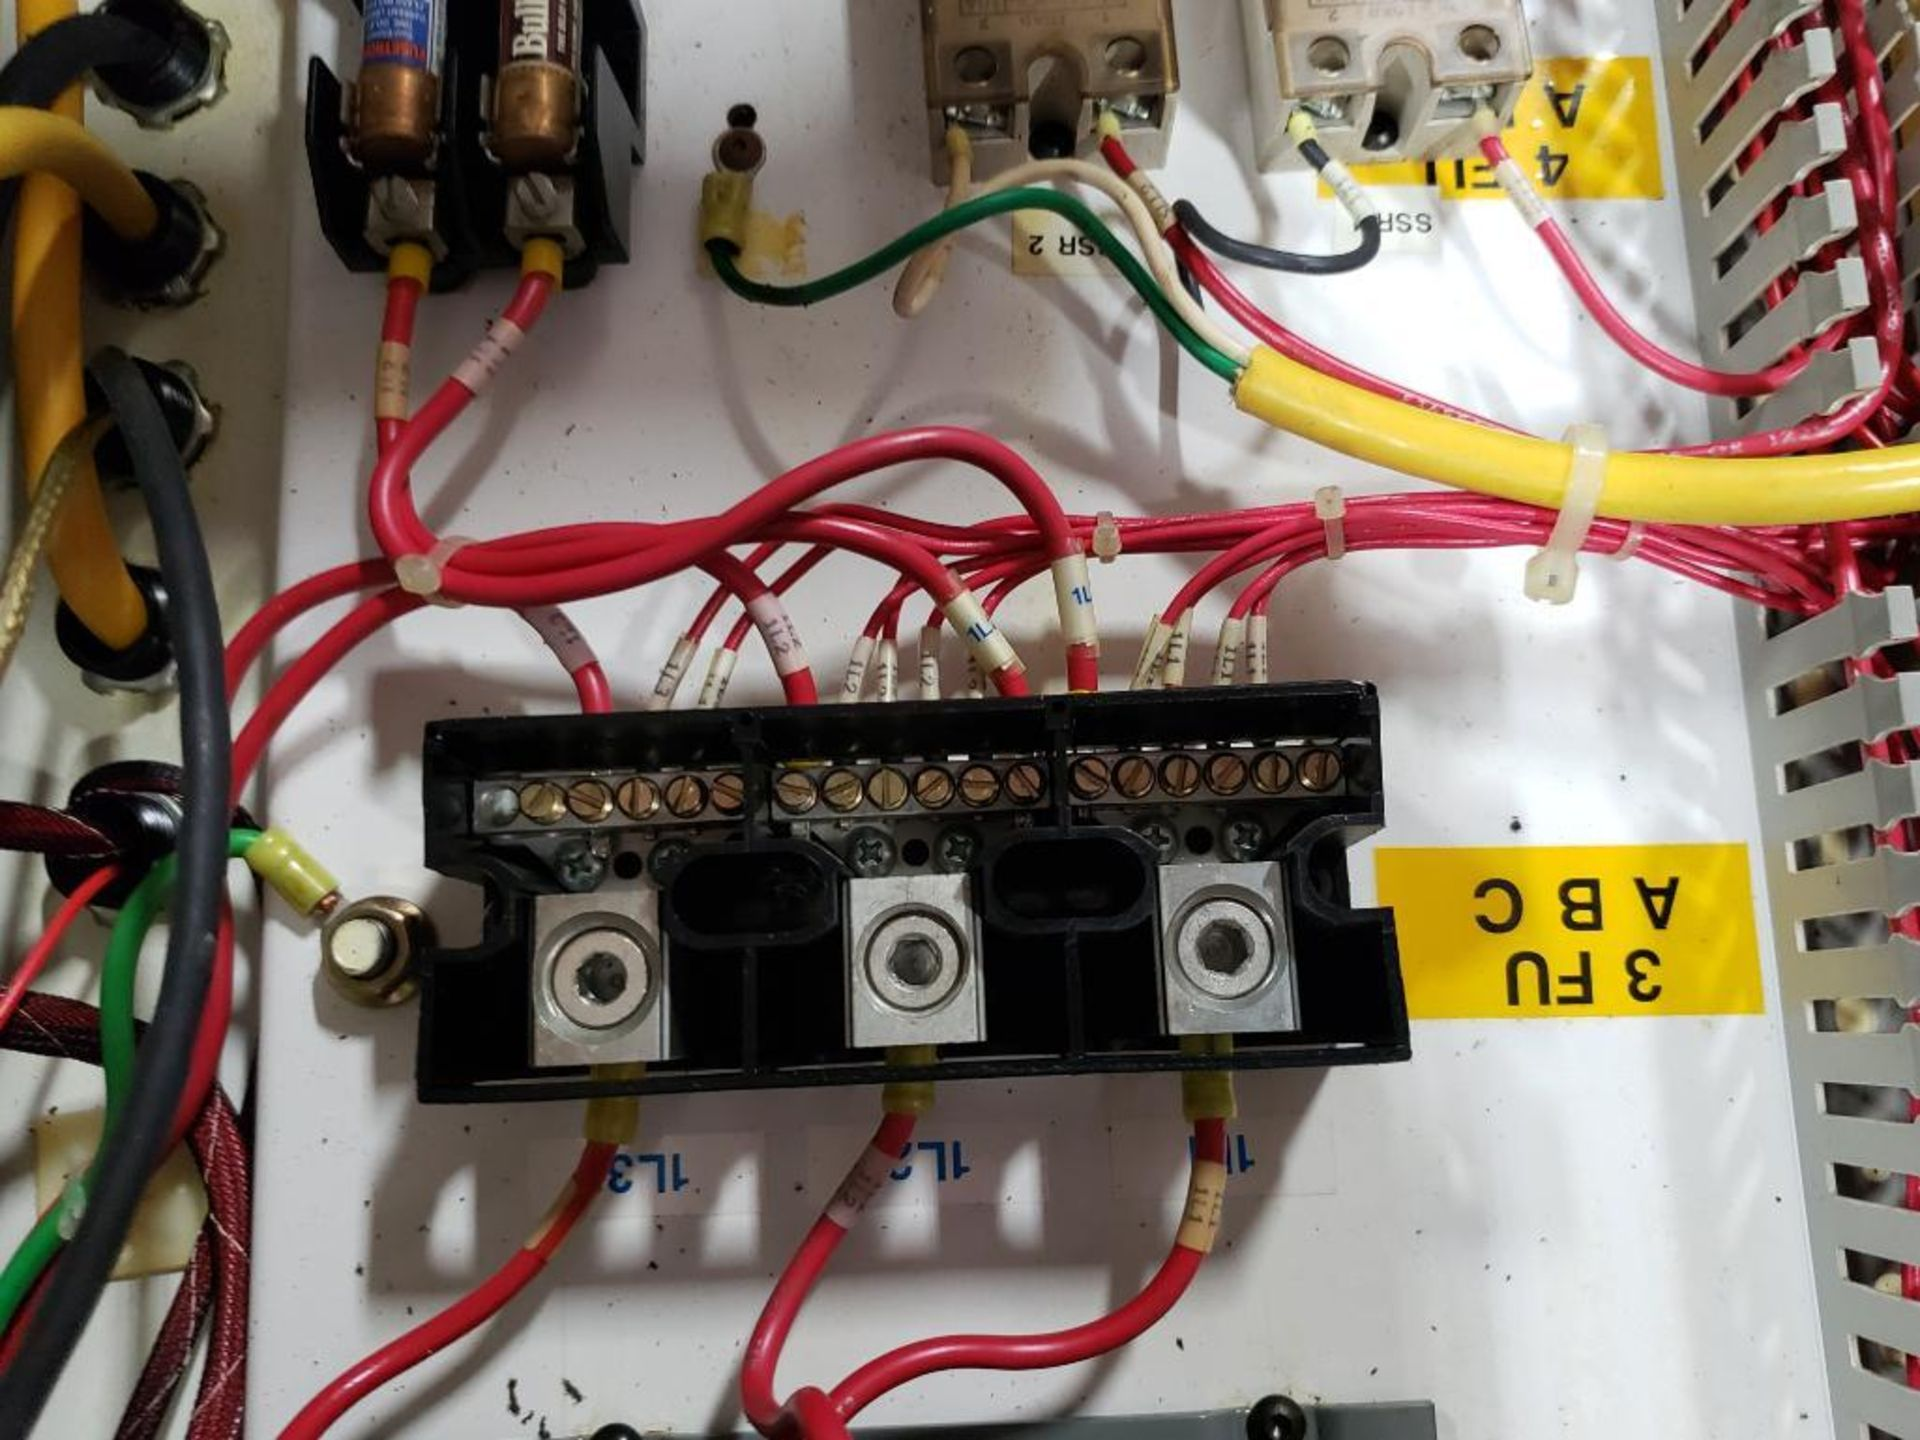 Chiller control cabinet. Hoffman enclosure, Cutler Hammer AF93AG0B007D drive, Allen Bradley drive. - Image 28 of 35